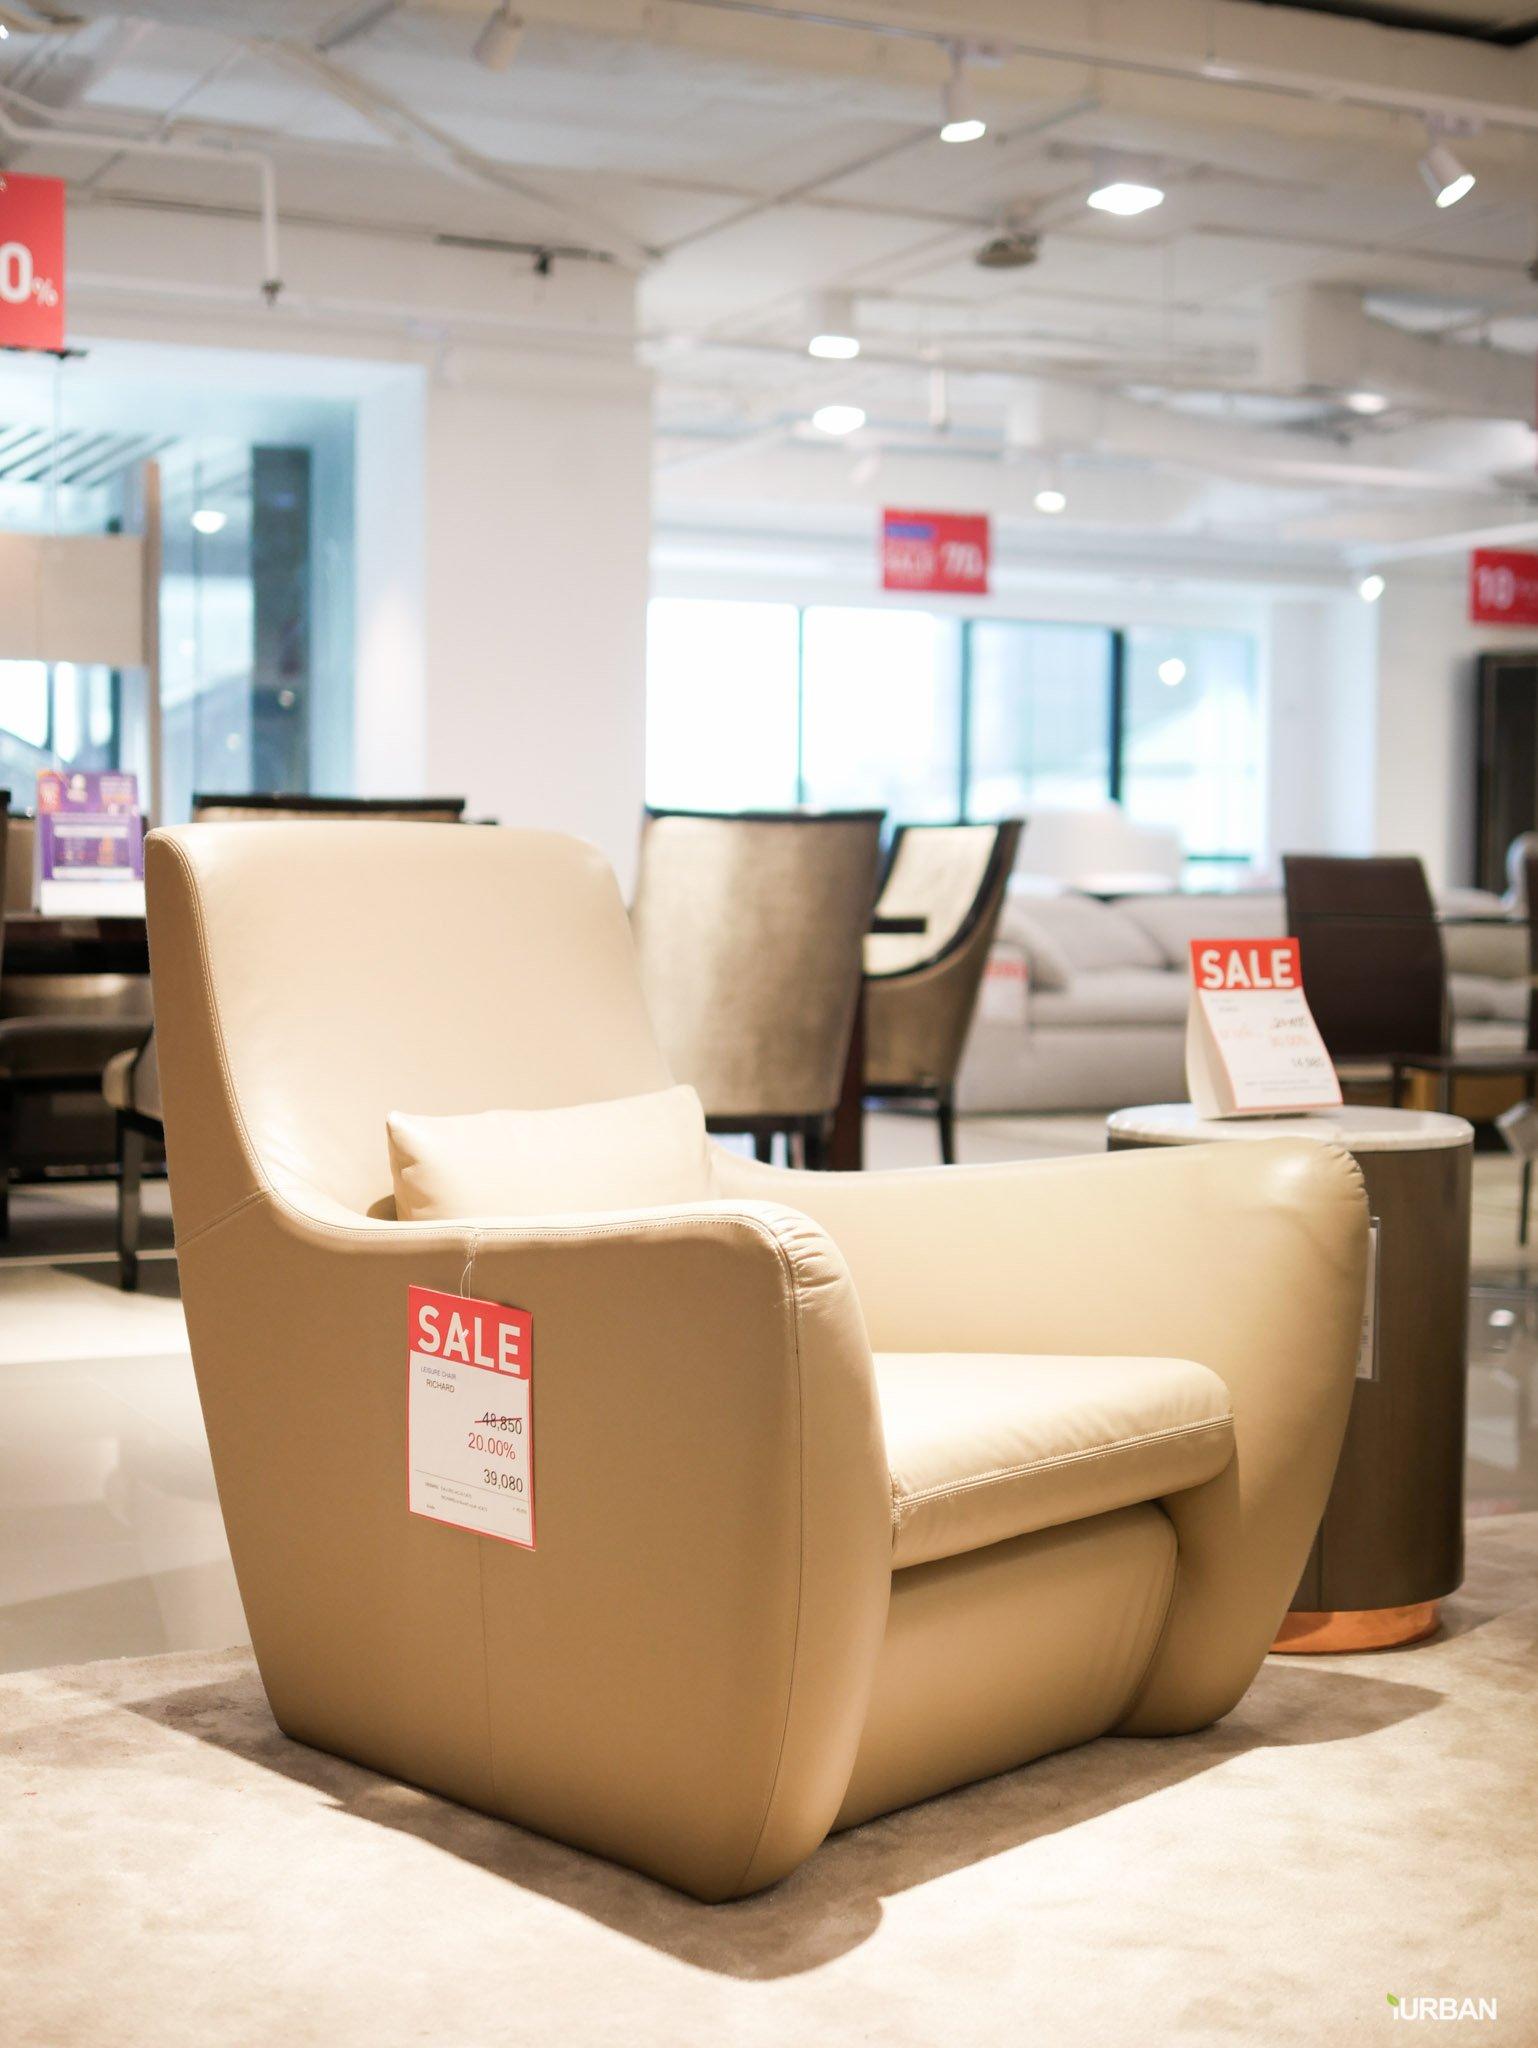 MODERNFORM THE ANNUAL SALE 2018 ลดทุกชิ้นสูงสุด 70% (10 วันเท่านั้น!) เก้าอี้ทำงานสวยเพื่อสุขภาพเพียบ!! 192 - Modernform (โมเดอร์นฟอร์ม)